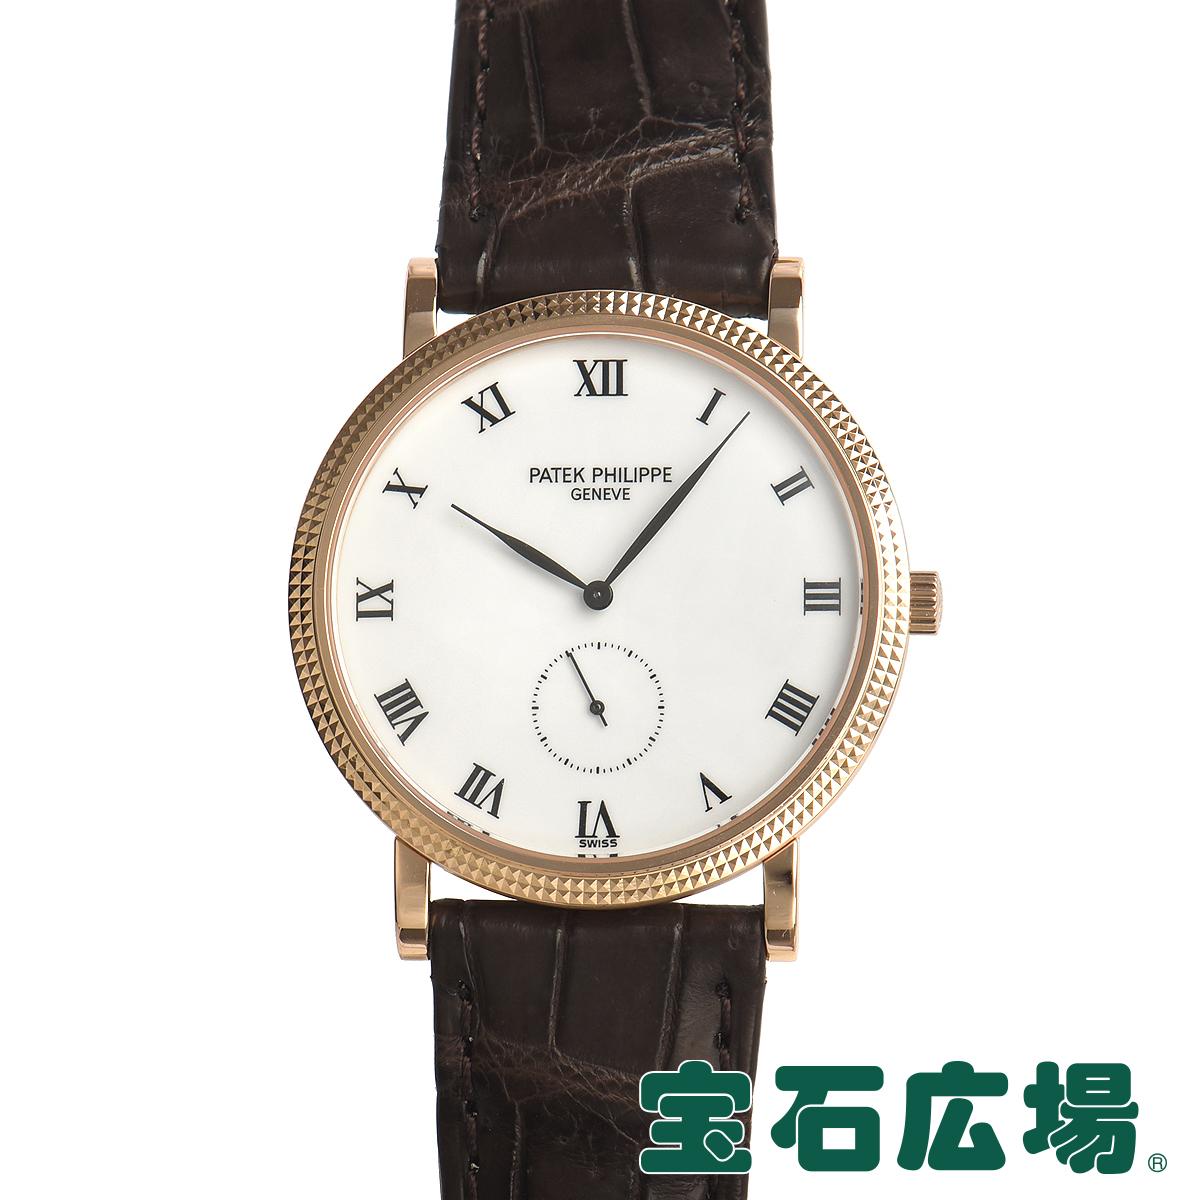 パテックフィリップ PATEK PHILIPPE カラトラバ 3919R-001【中古】メンズ 腕時計 送料・代引手数料無料